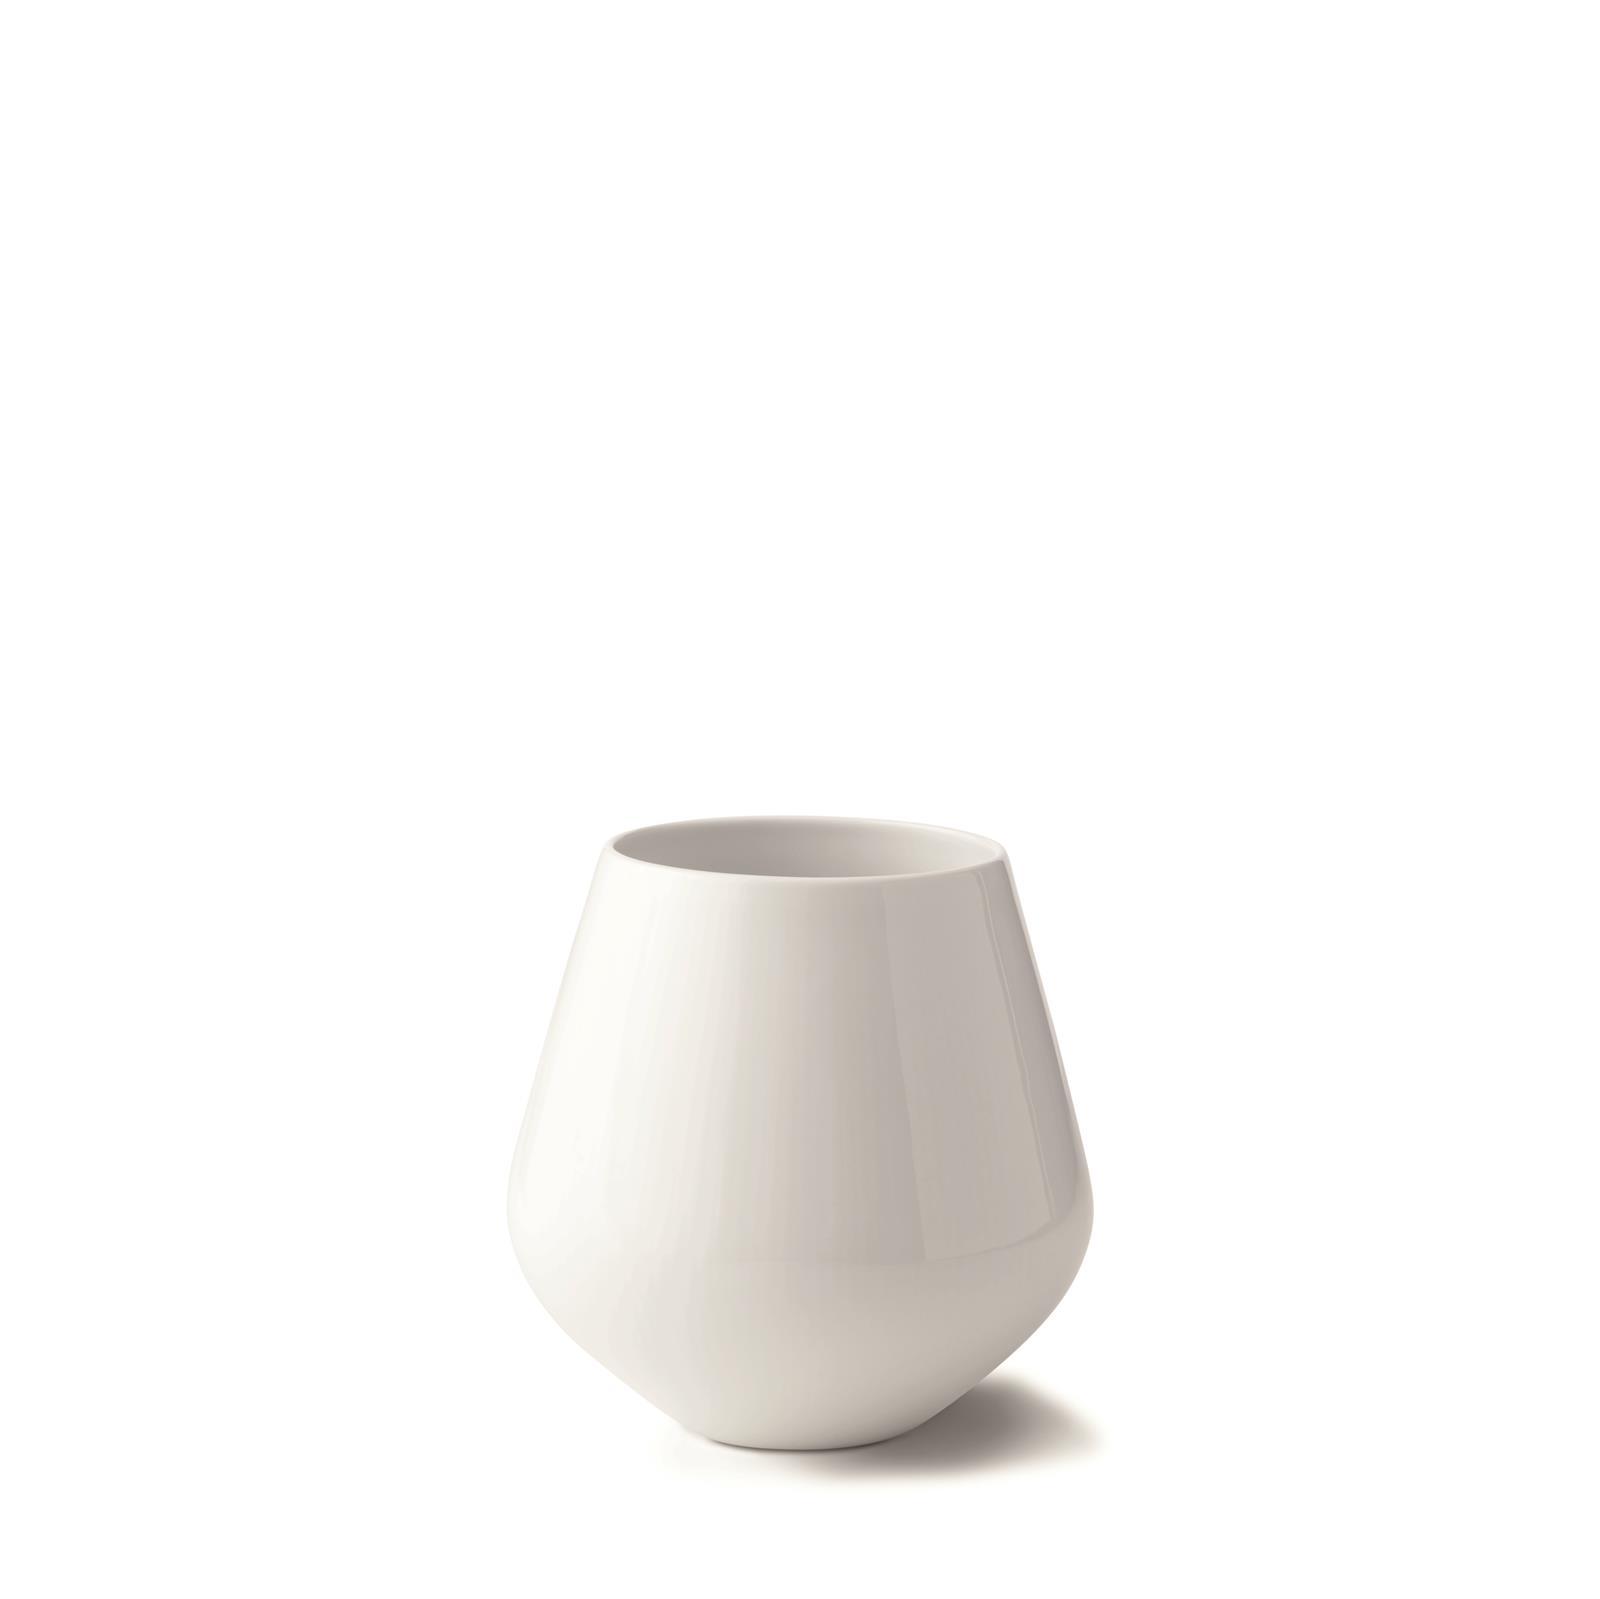 Royal Copenhagen Vase Weiß Gerippt Groß 20 5cm Eur 77 17